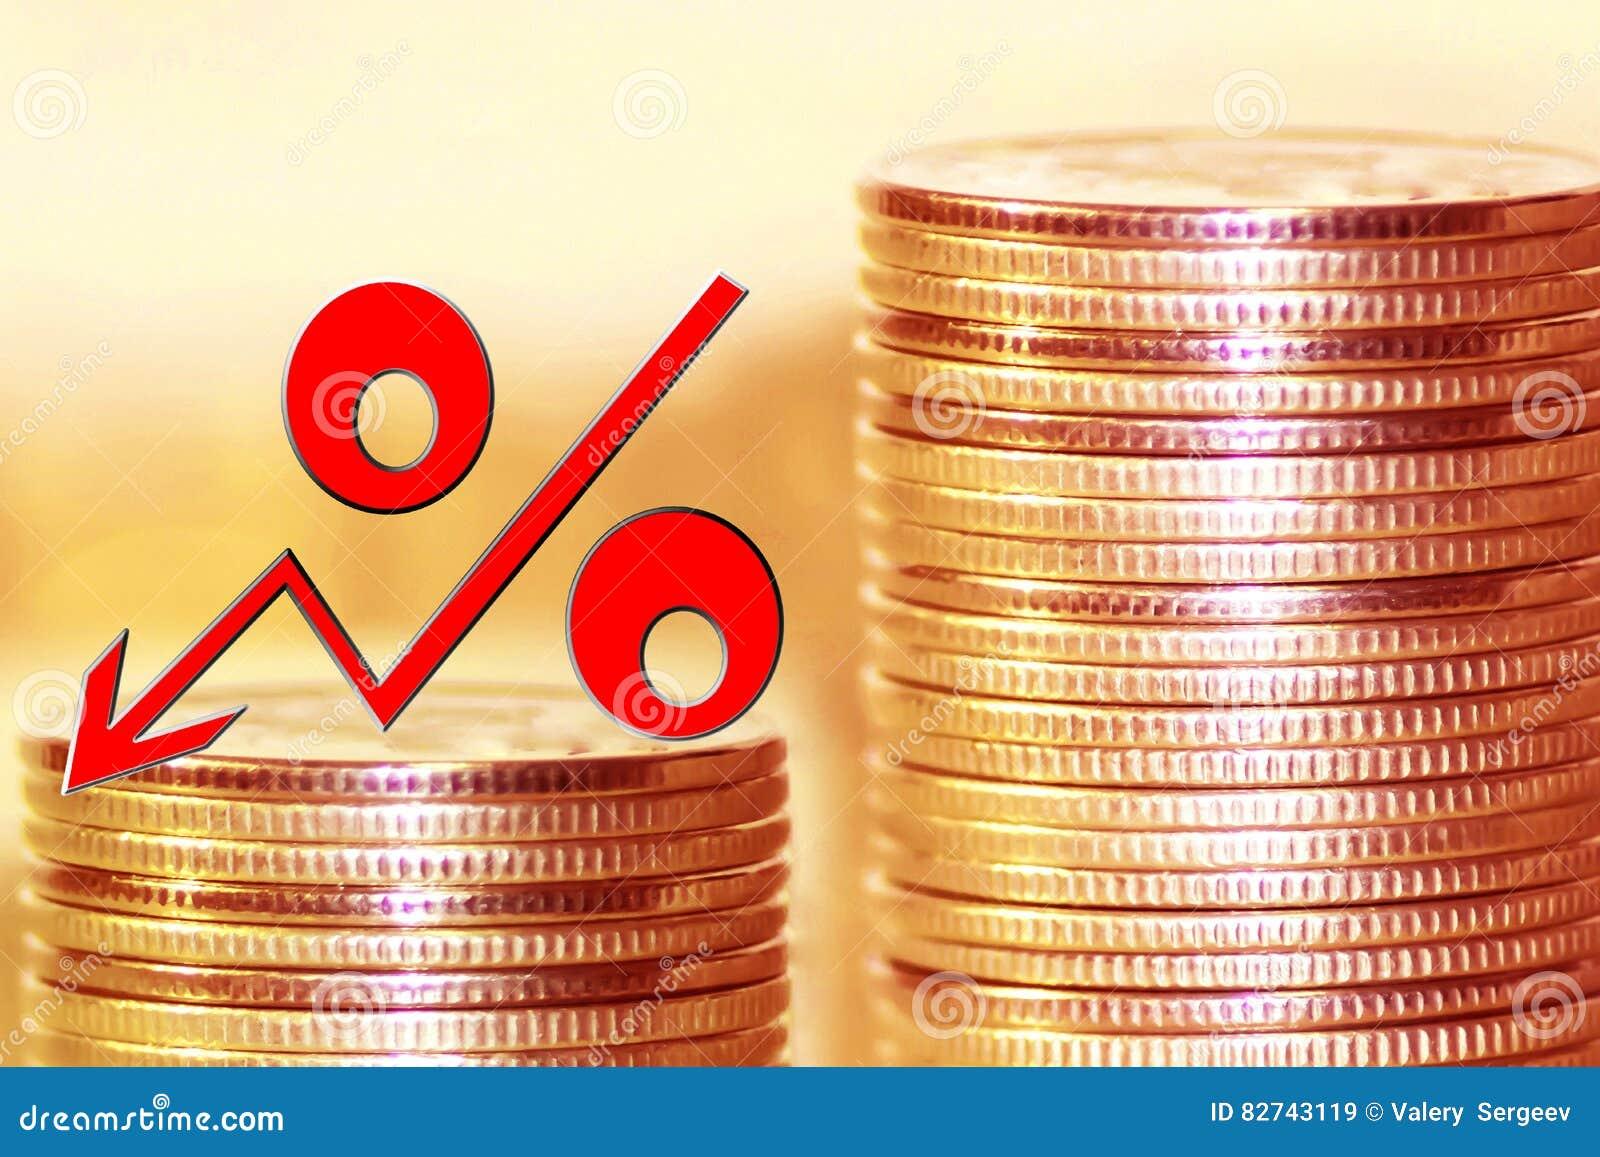 проценты по займам по капитальным вложениям